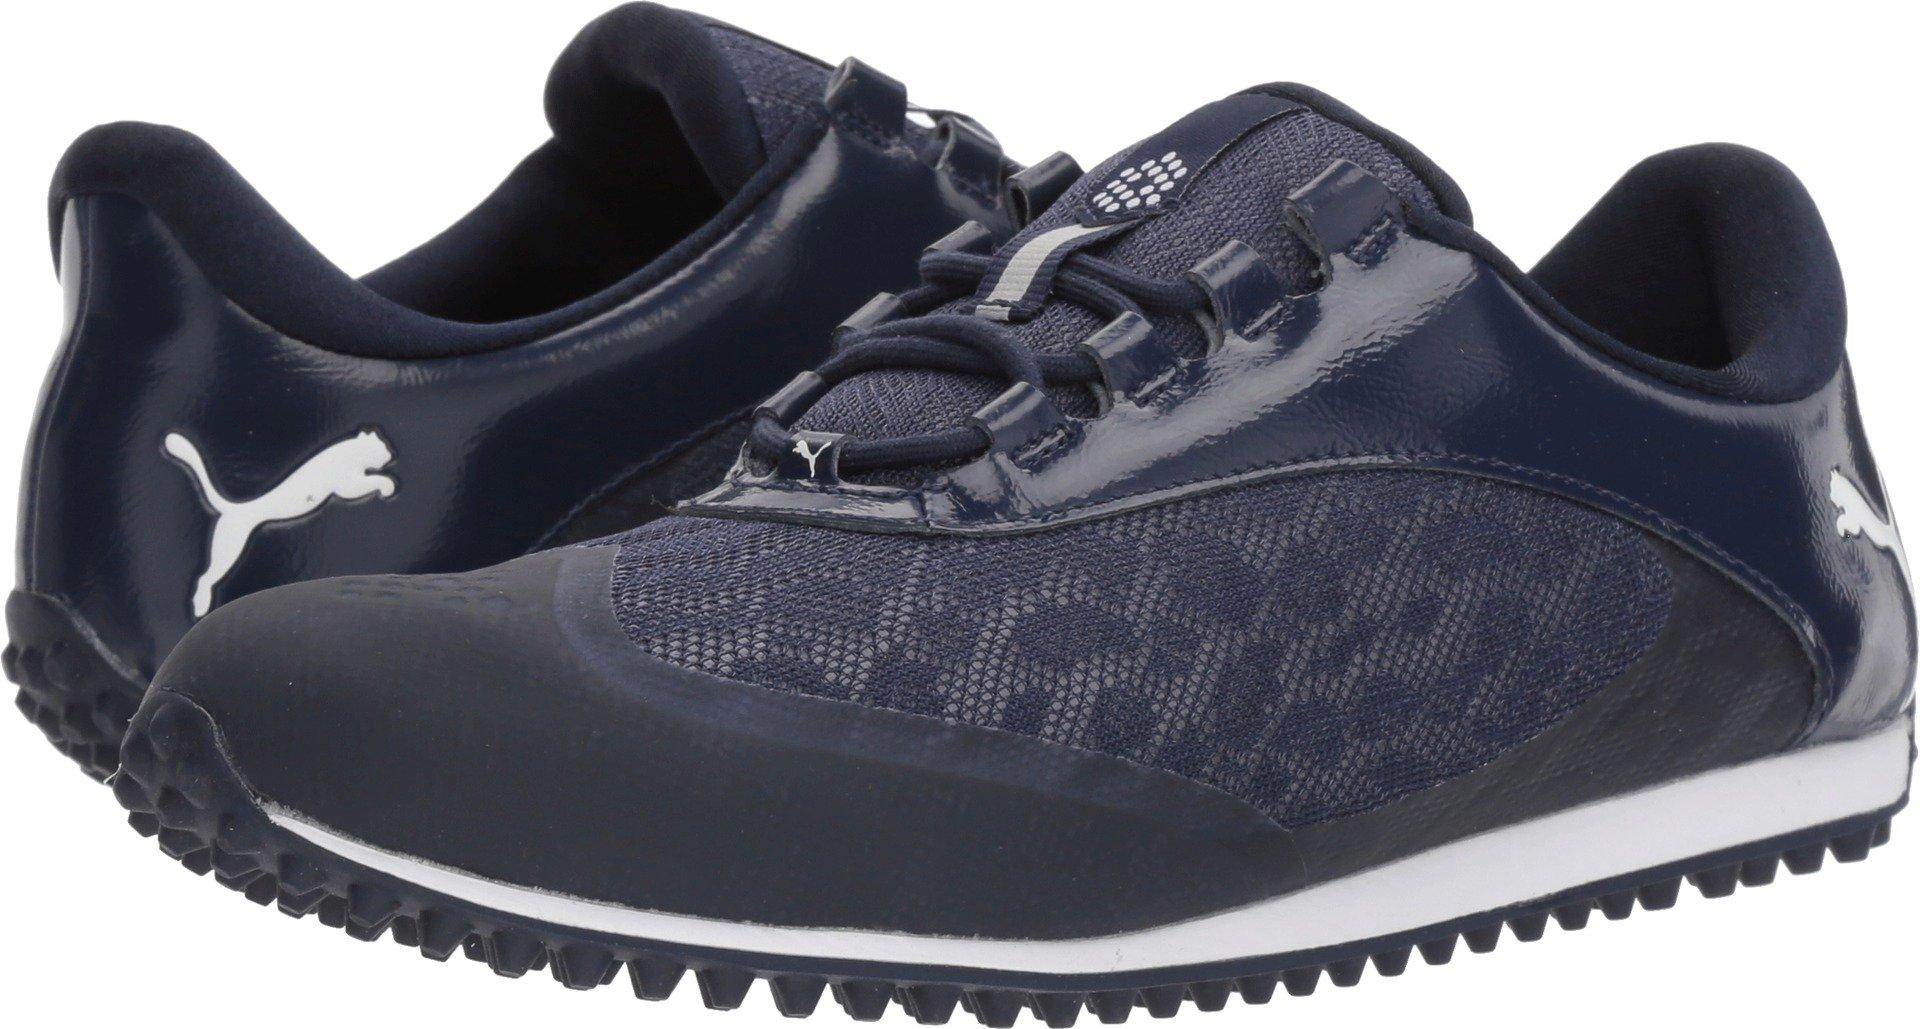 PUMA Golf Women's Summercat Sport Golf Shoe, Peacoat/White, 6.5 Medium US